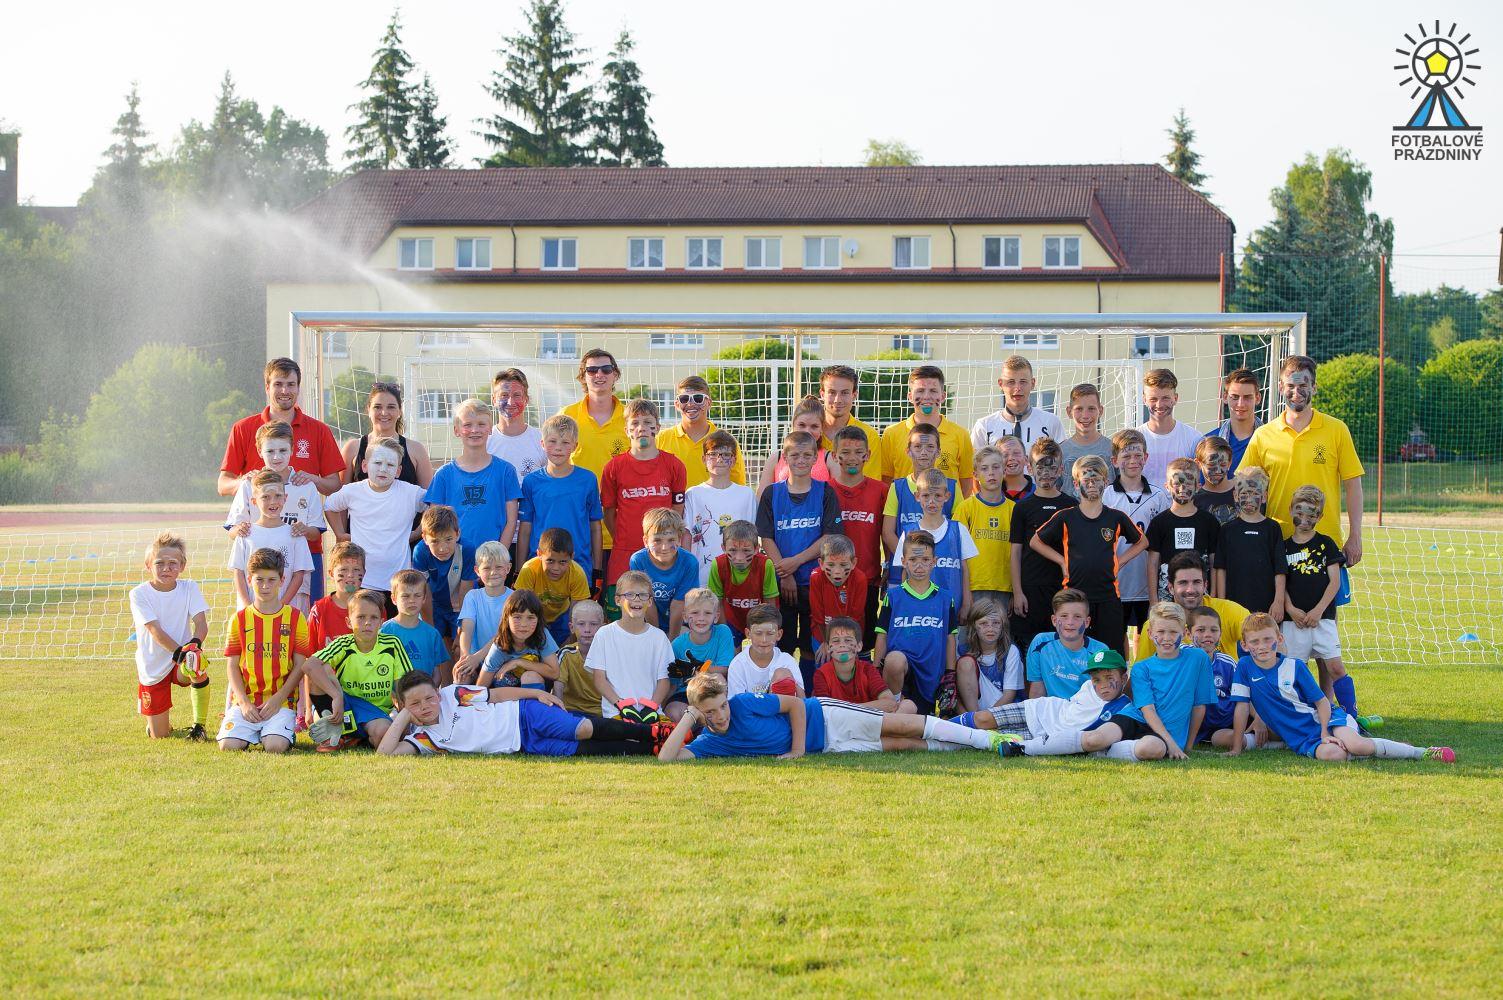 Fotbalové prázdniny FP 2015